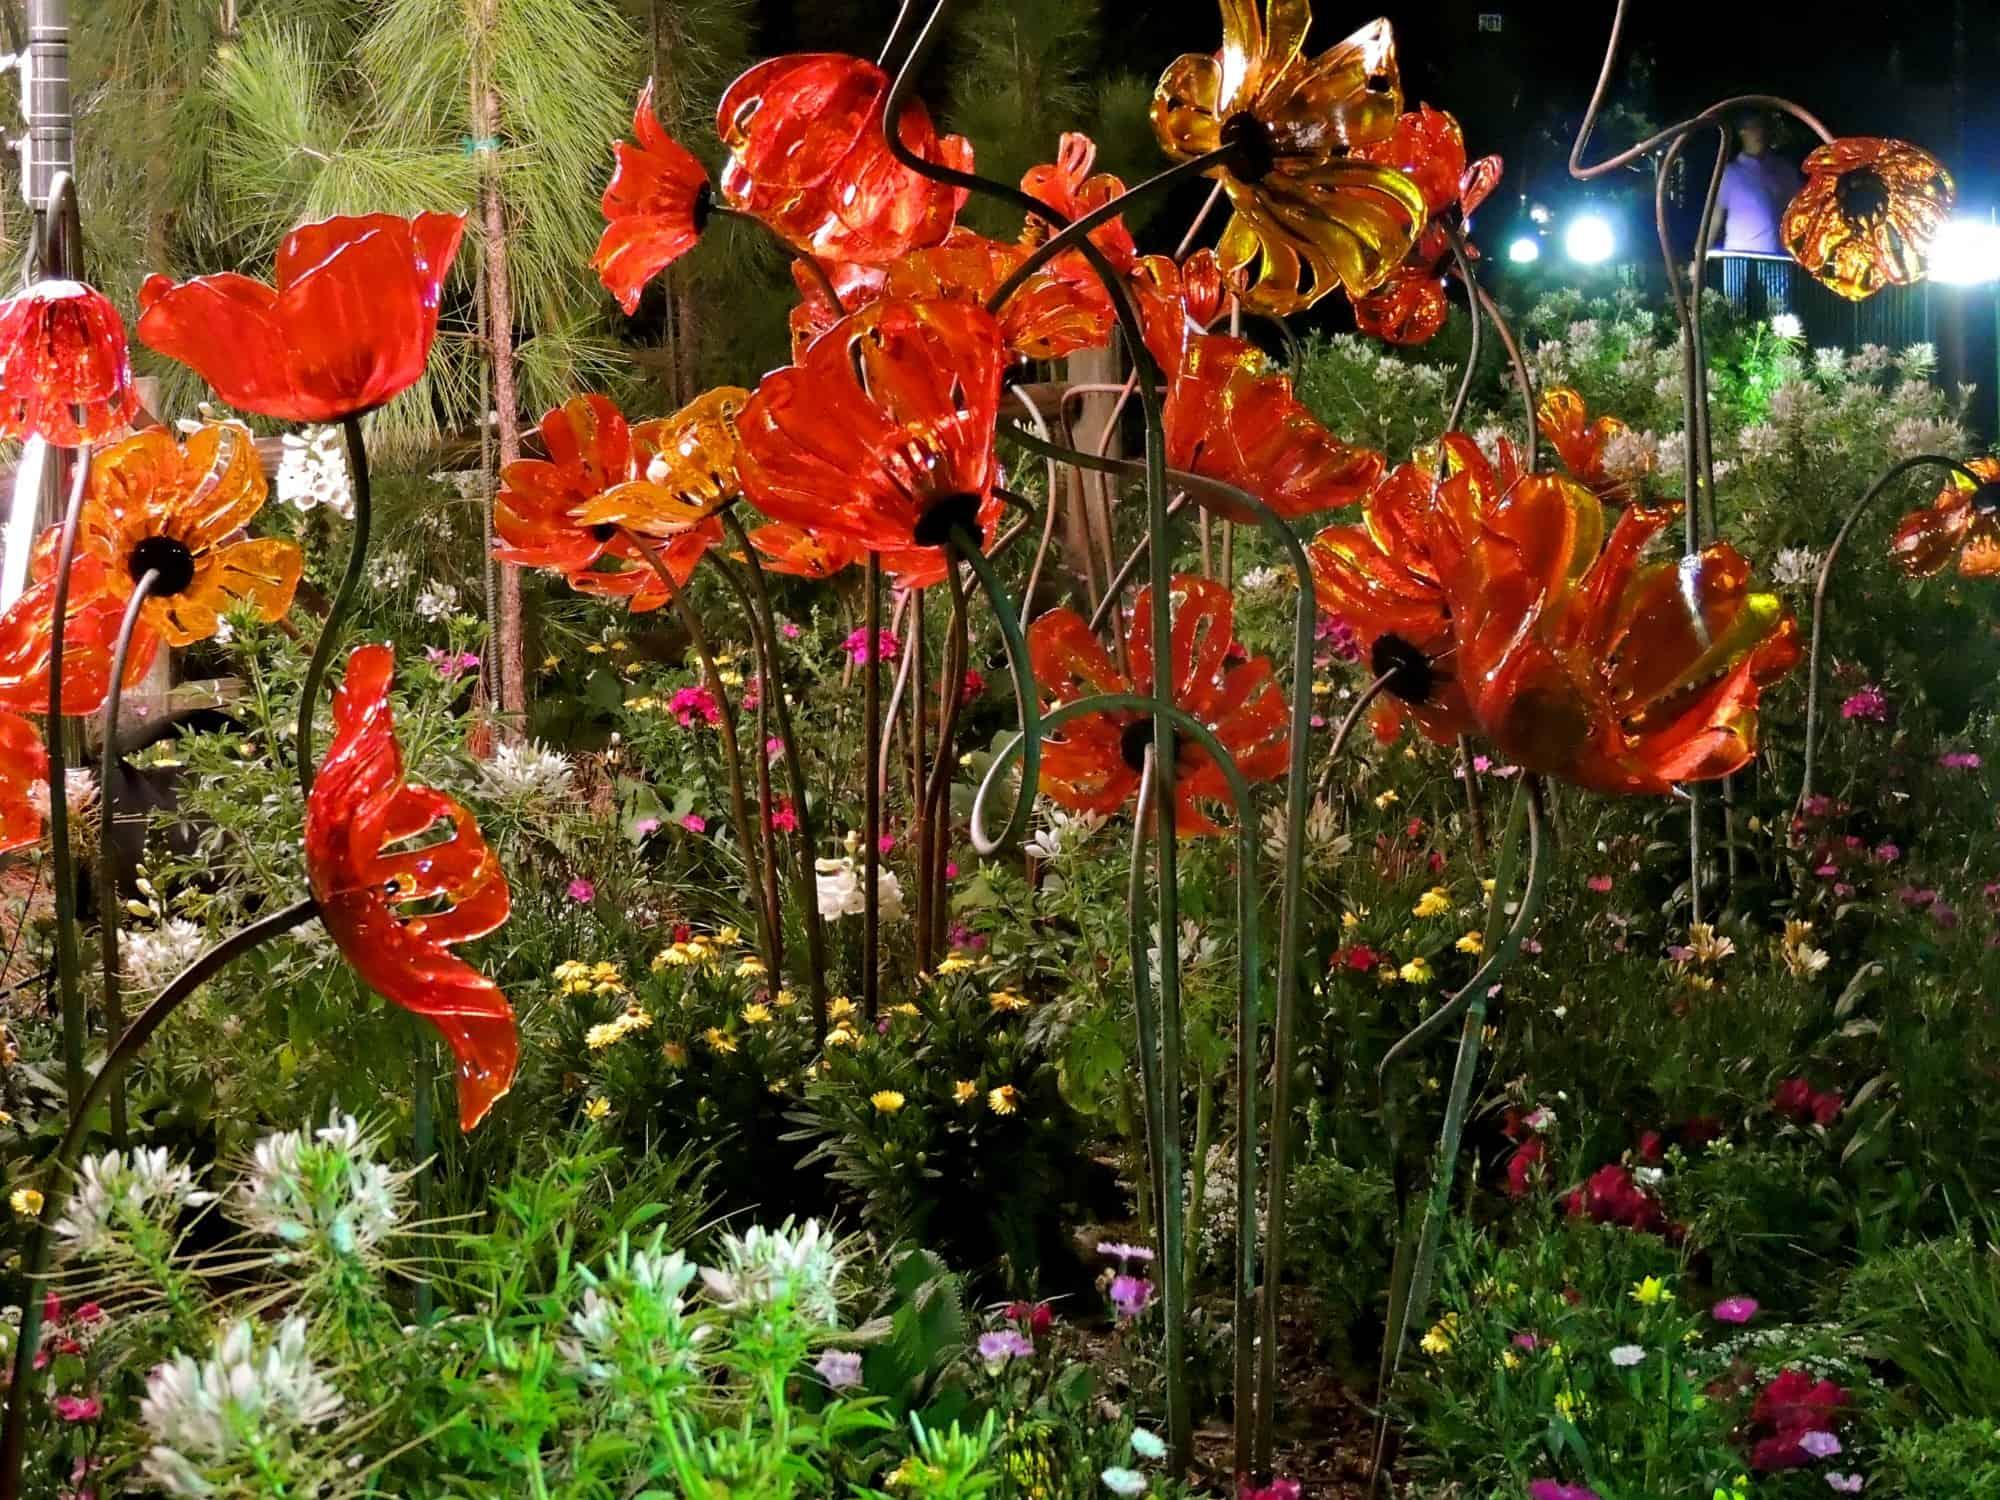 Oz garden poppies